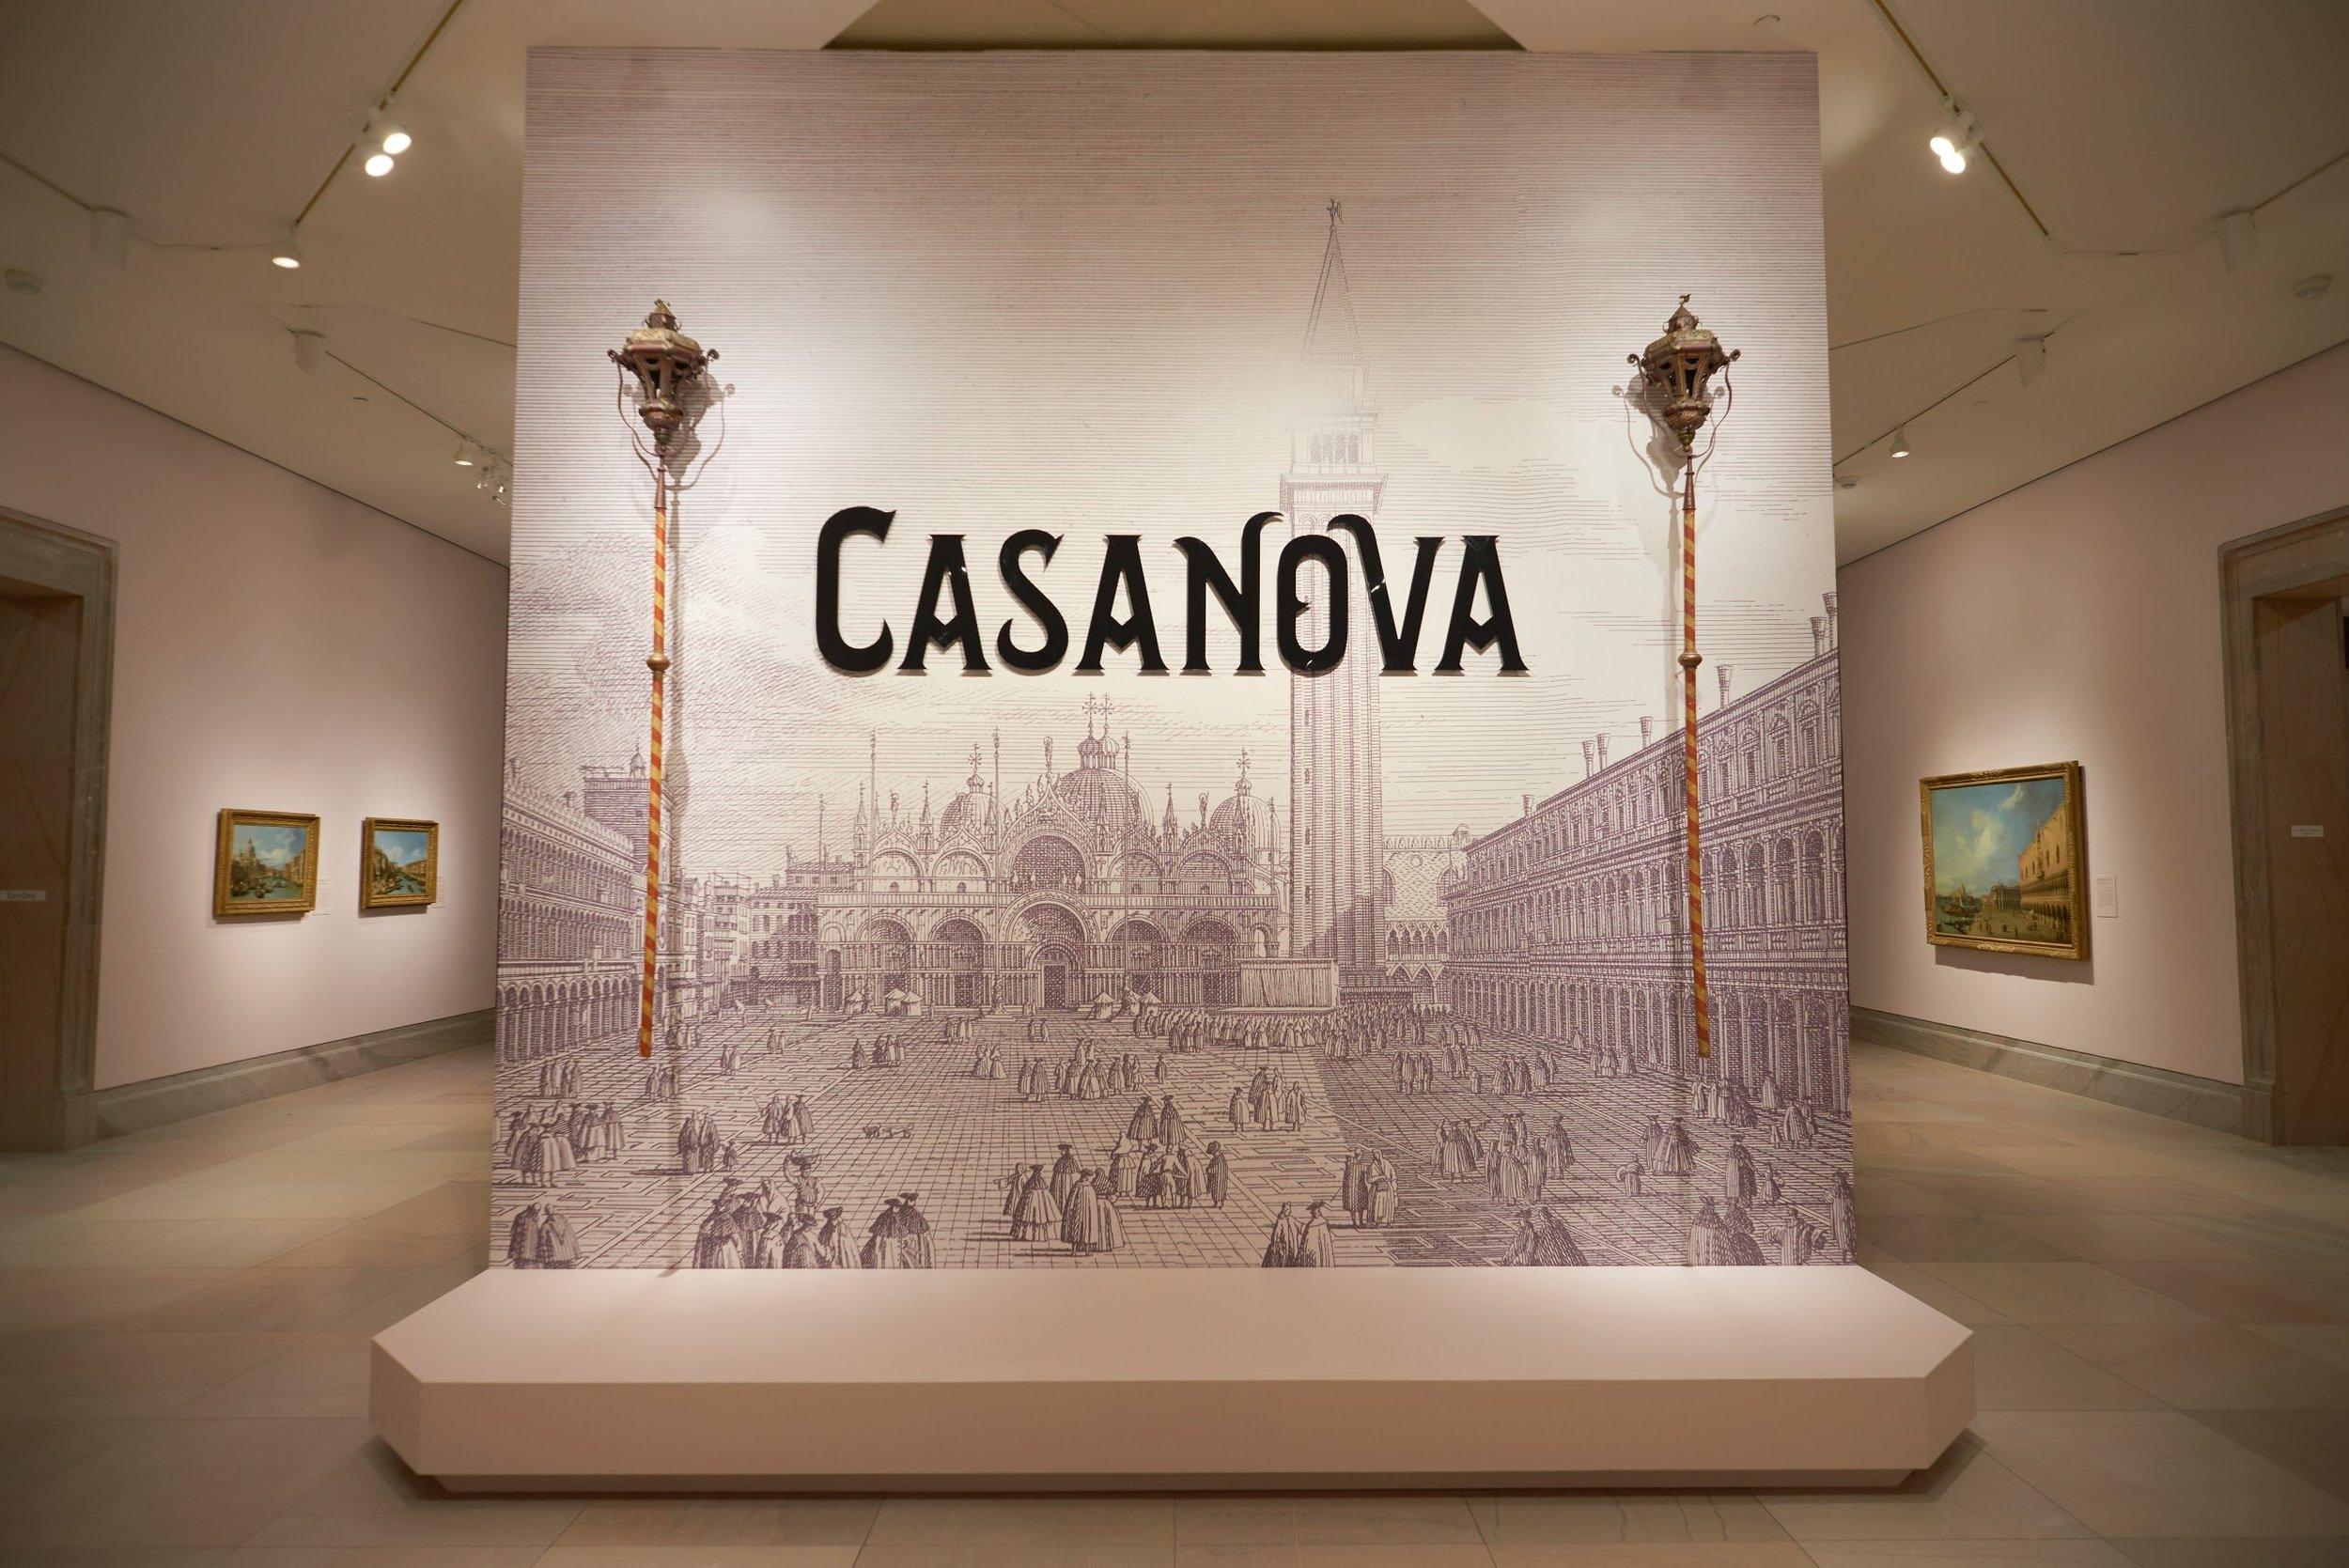 Casanova_PR_01.jpg